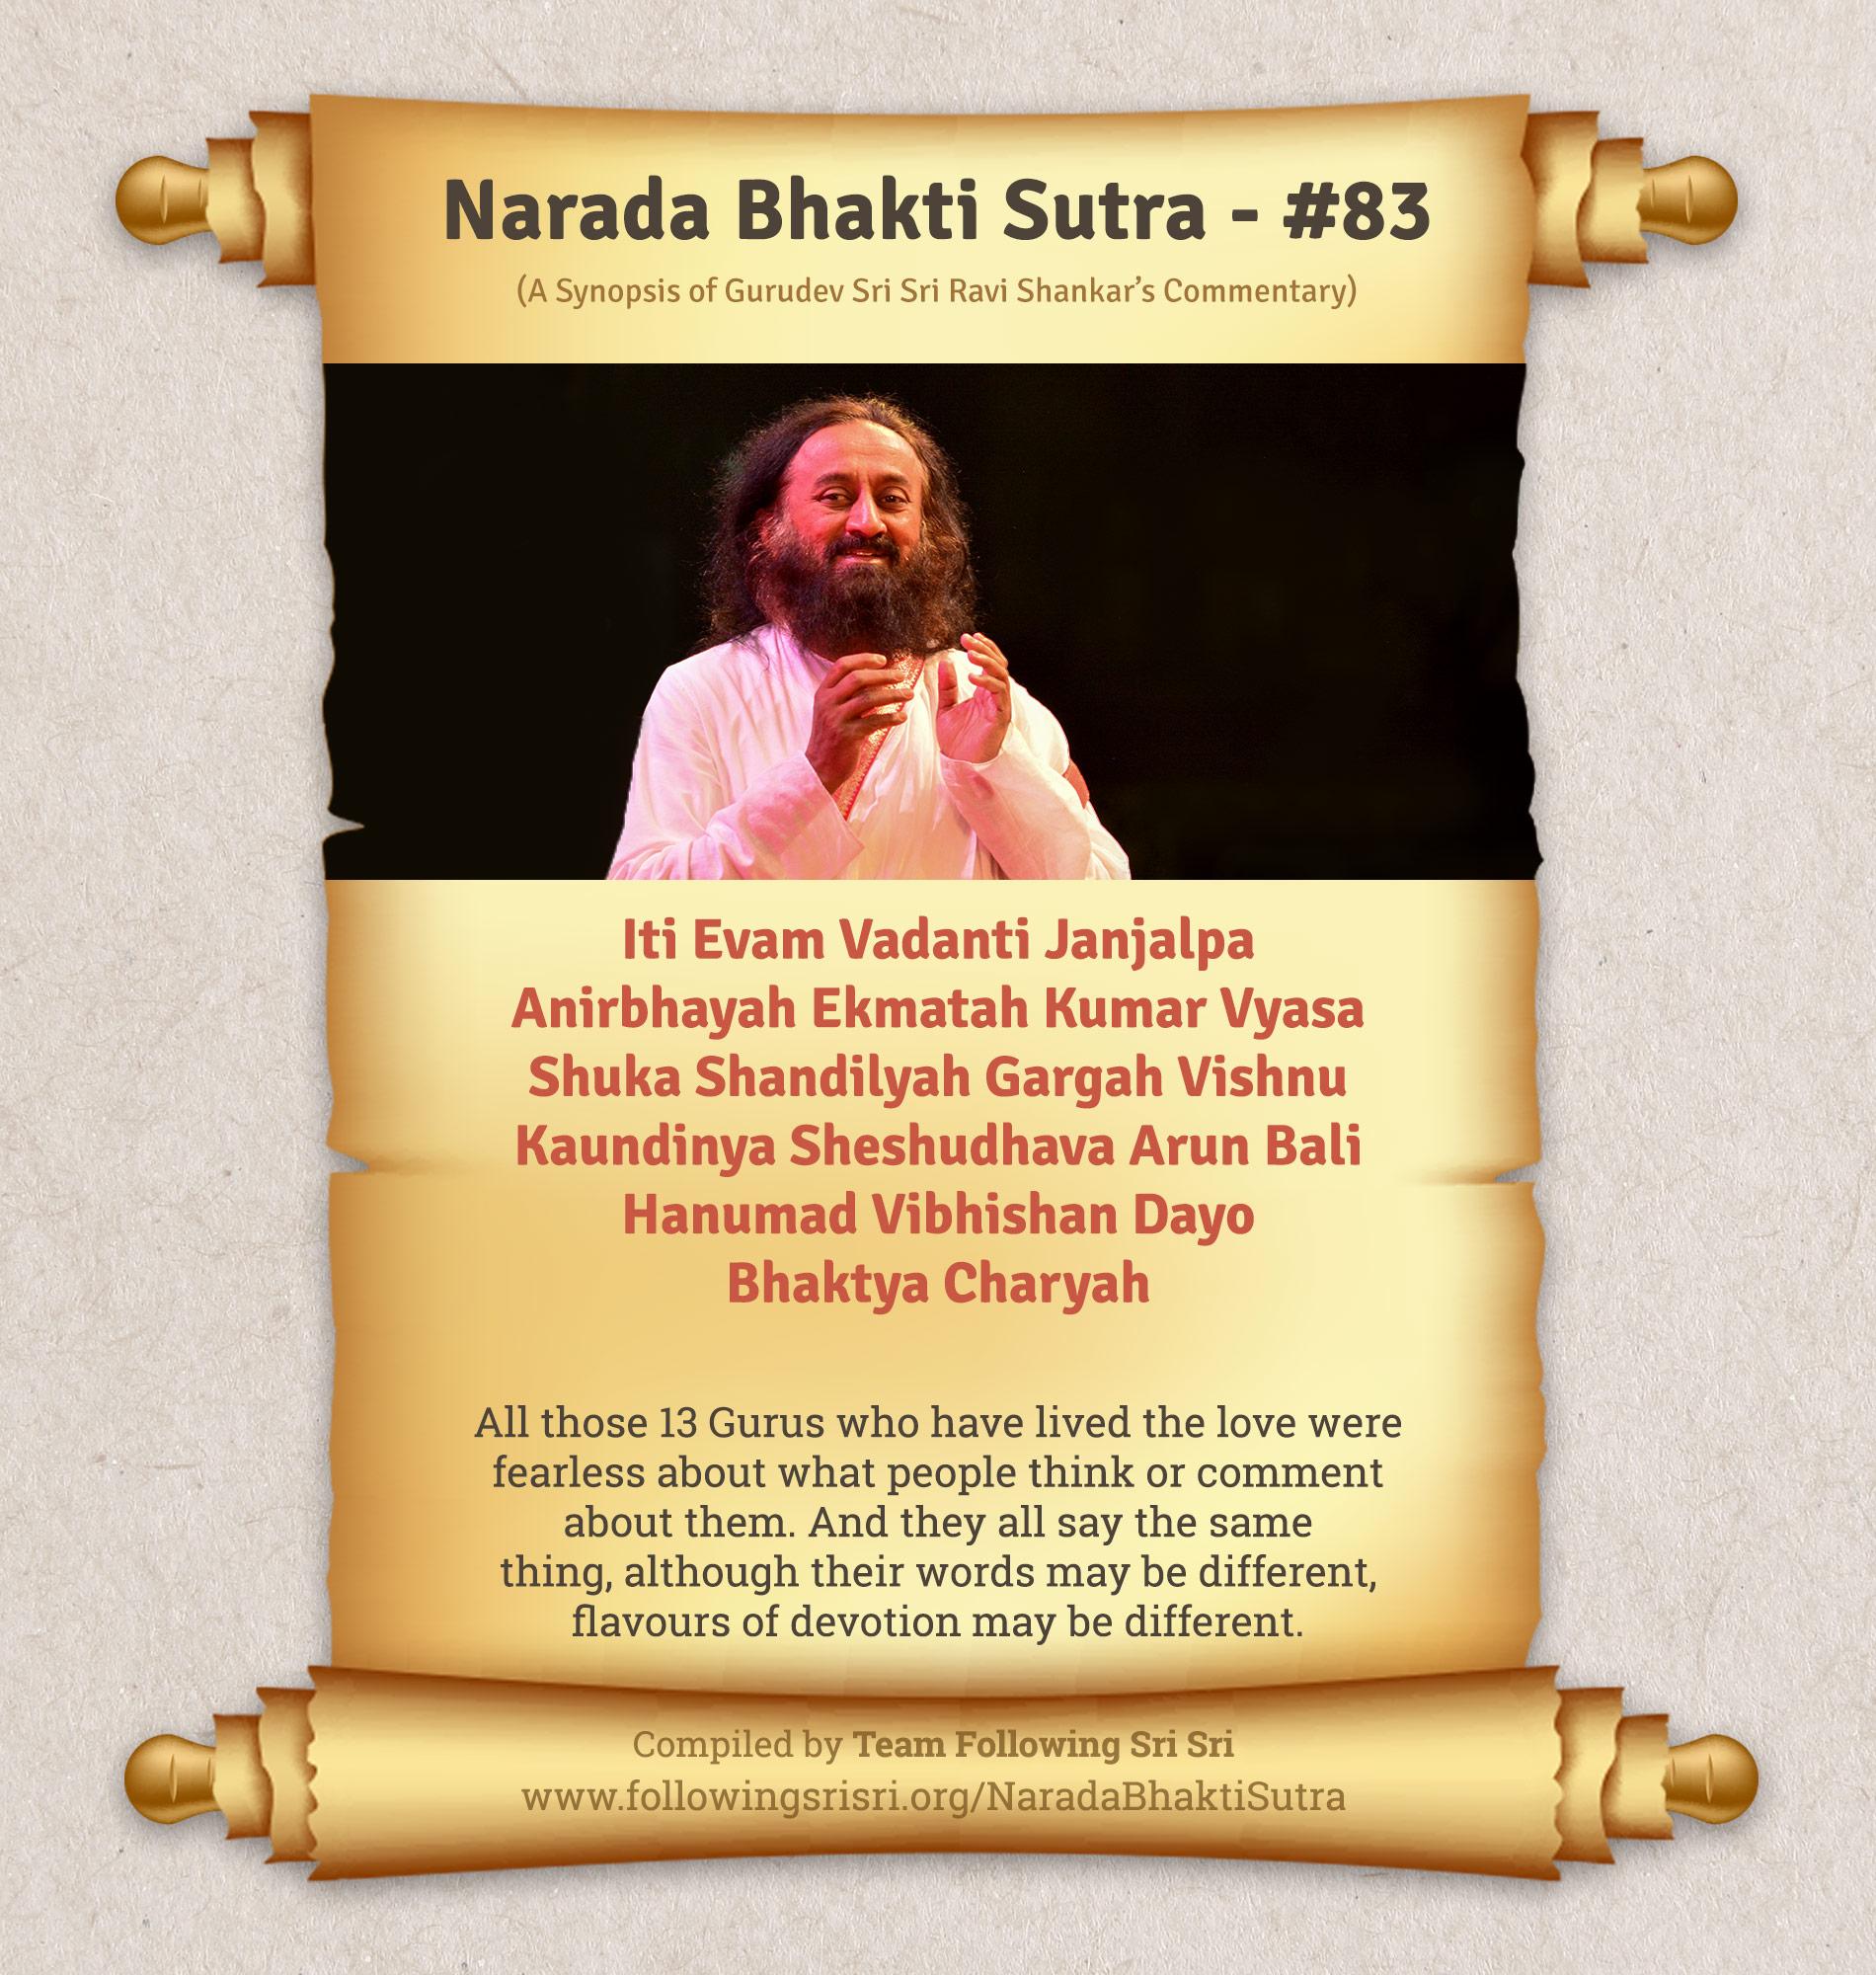 Narada Bhakti Sutras - Sutra 83